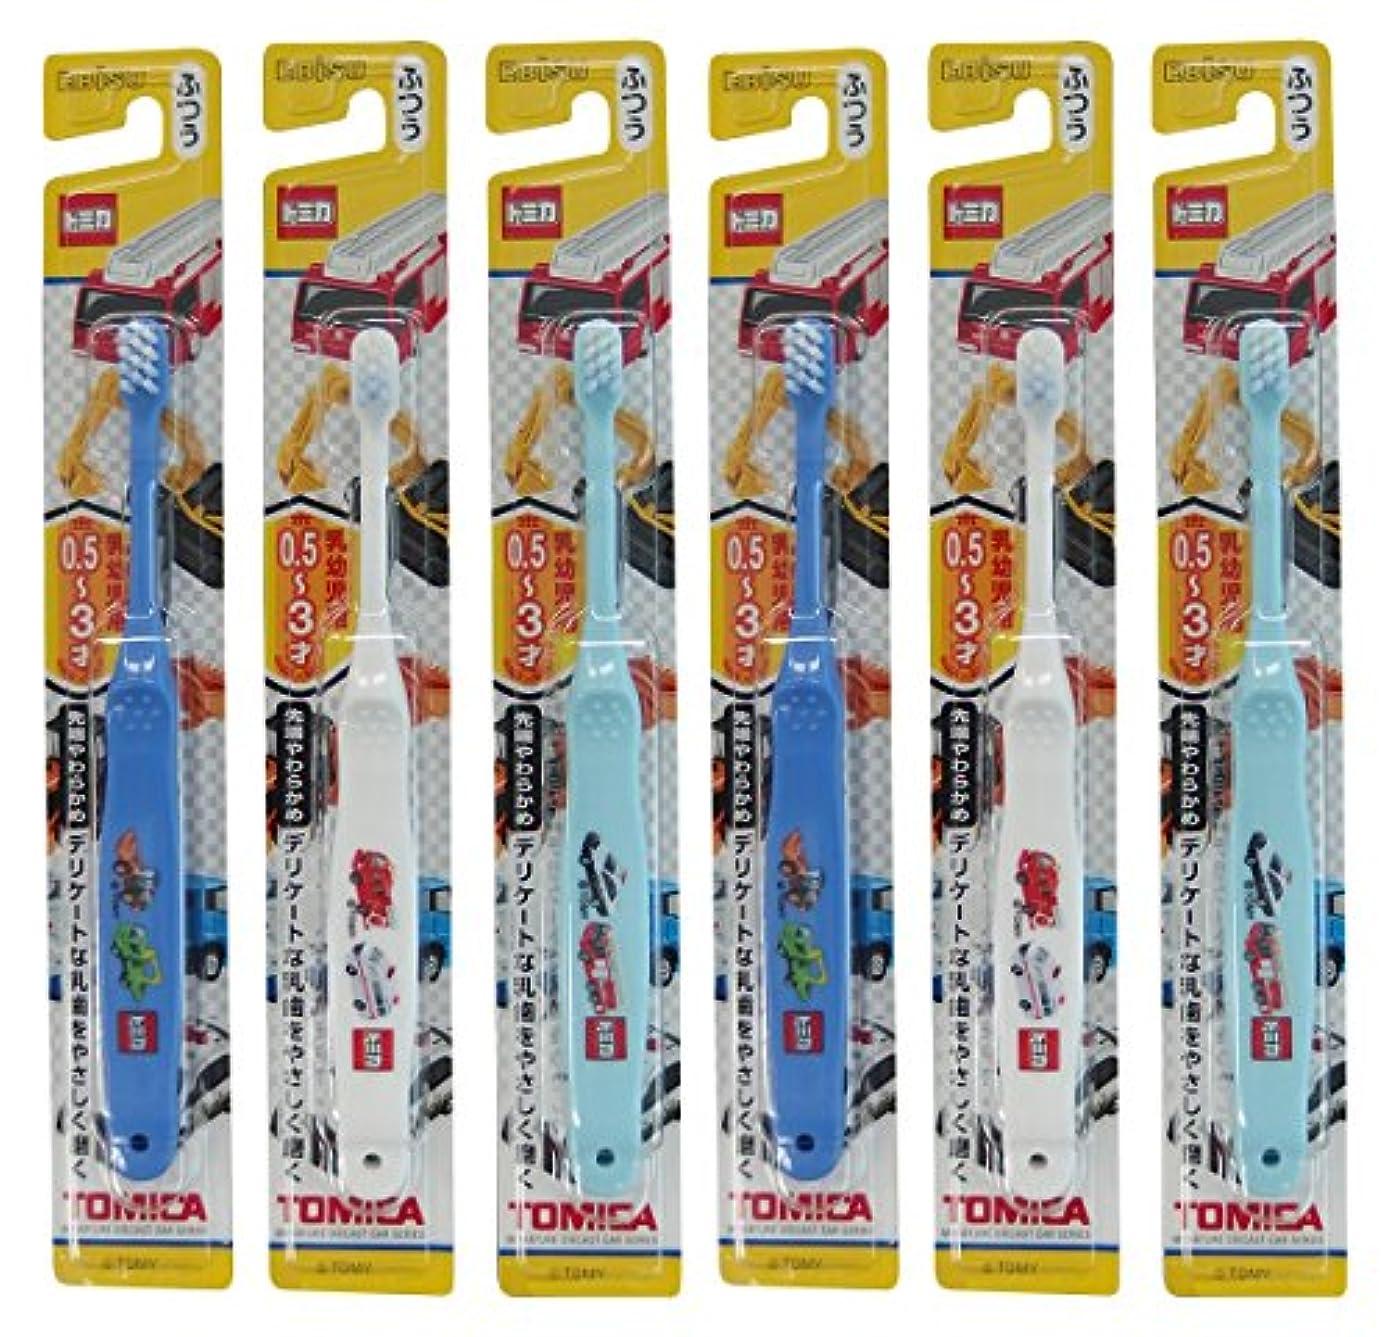 トランスミッションブラシアーサーコナンドイルエビス トミカ ハブラシ 0.5~3才 6本組 (色おまかせ)